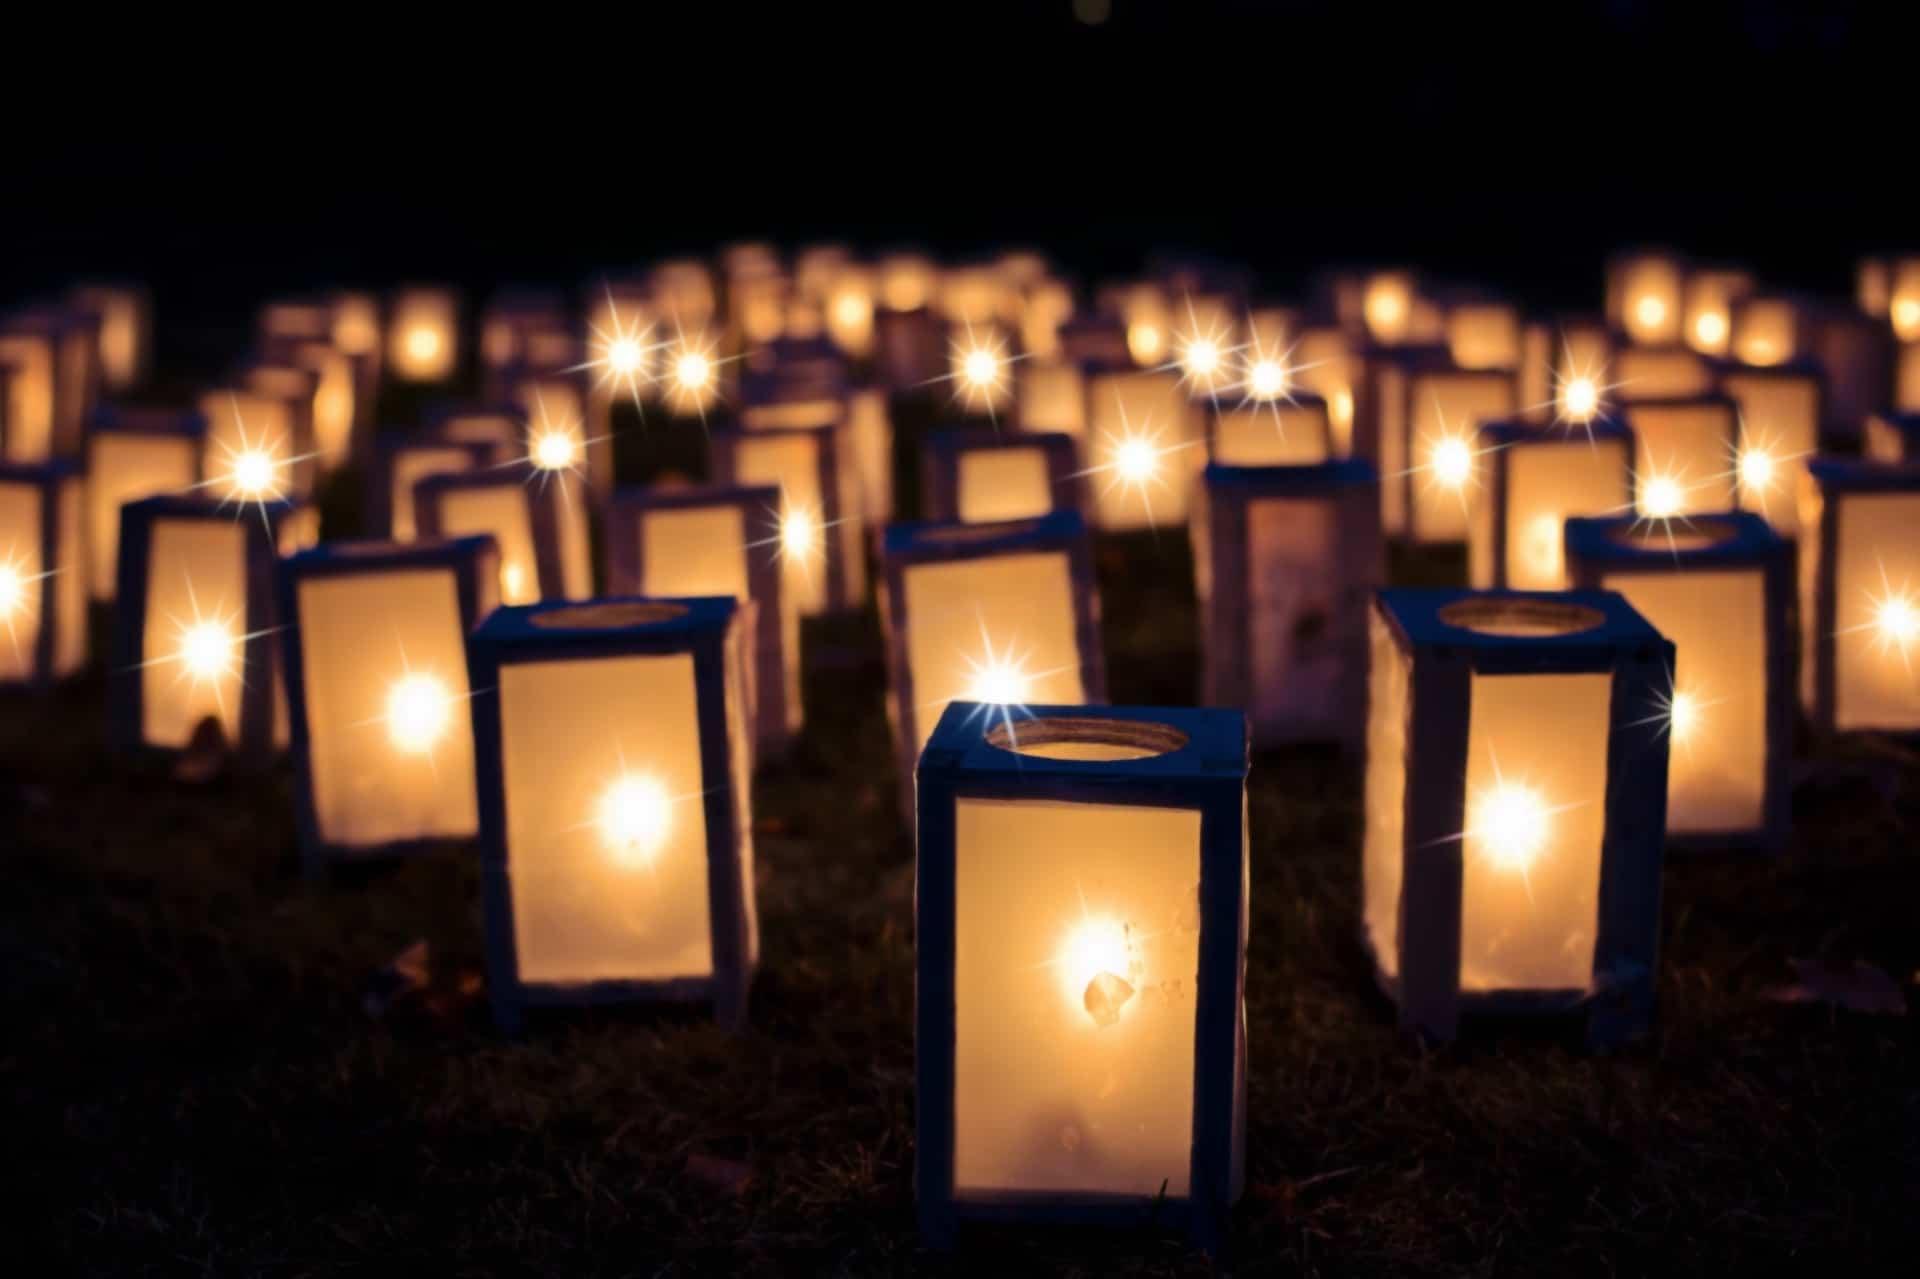 Bougies illuminants la nuit